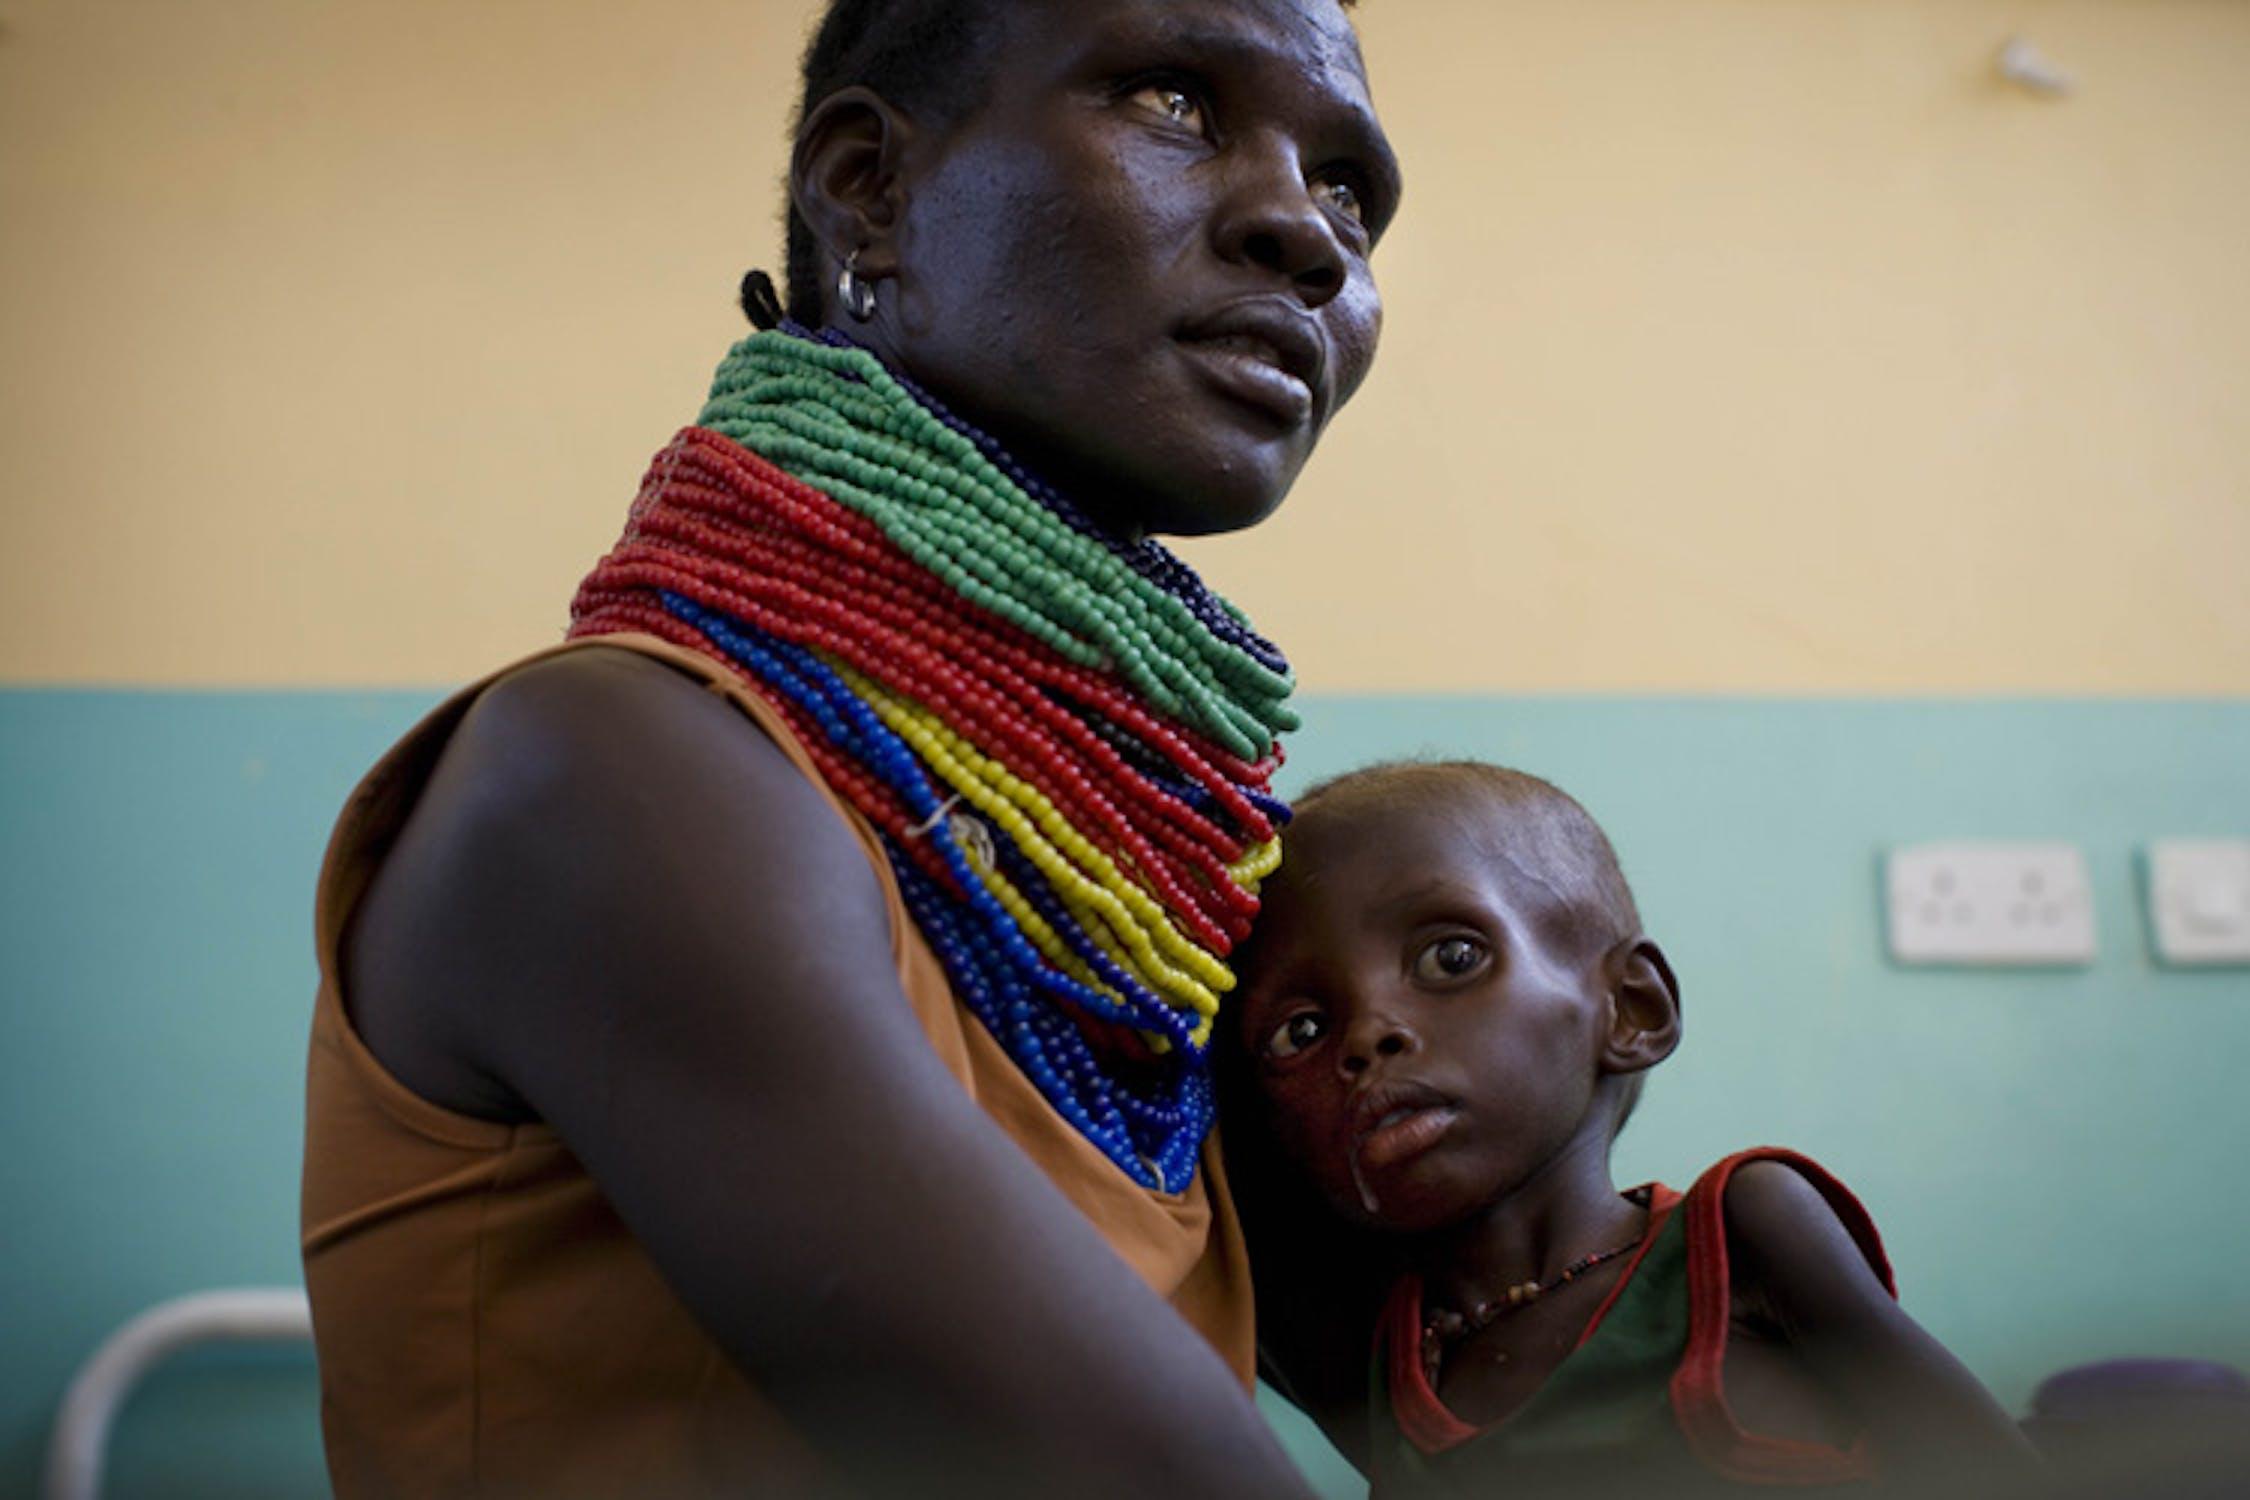 Il piccolo Arot, gravemente malnutrito, tra le braccia della mamma: è riuscito ad arrivare, dalla Somalia, nell'ospedale di Lodwar (Kenya) - ©UNICEF/NYHQ2011-1172/K.Holt